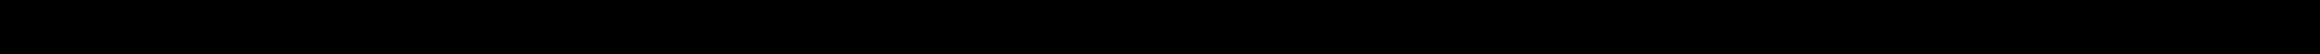 RIDEX 2150.Q2, 2150.Q3, 96 259 810, 96 262 085, 2150.L8 Vaijeri, kytkimen käyttö